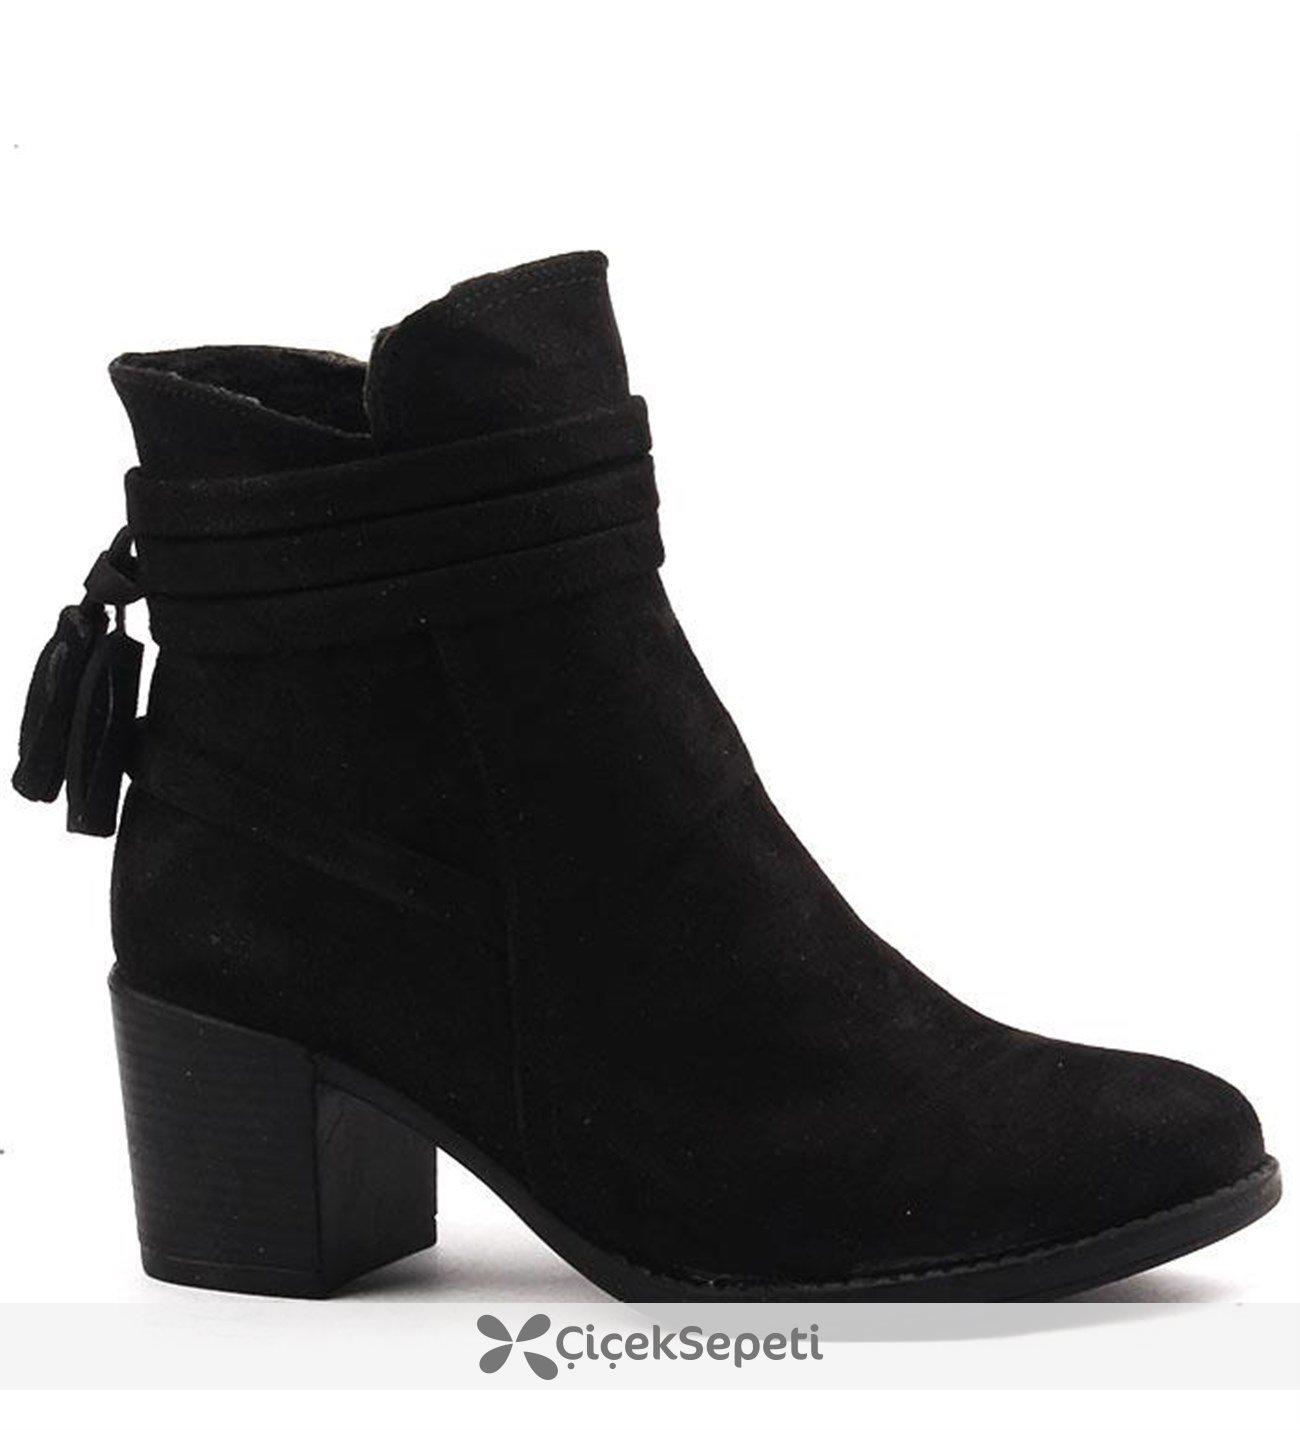 Ayakland 832 Günlük 6 Cm Topuk Termo Taban Bayan Bot Ayakkabı